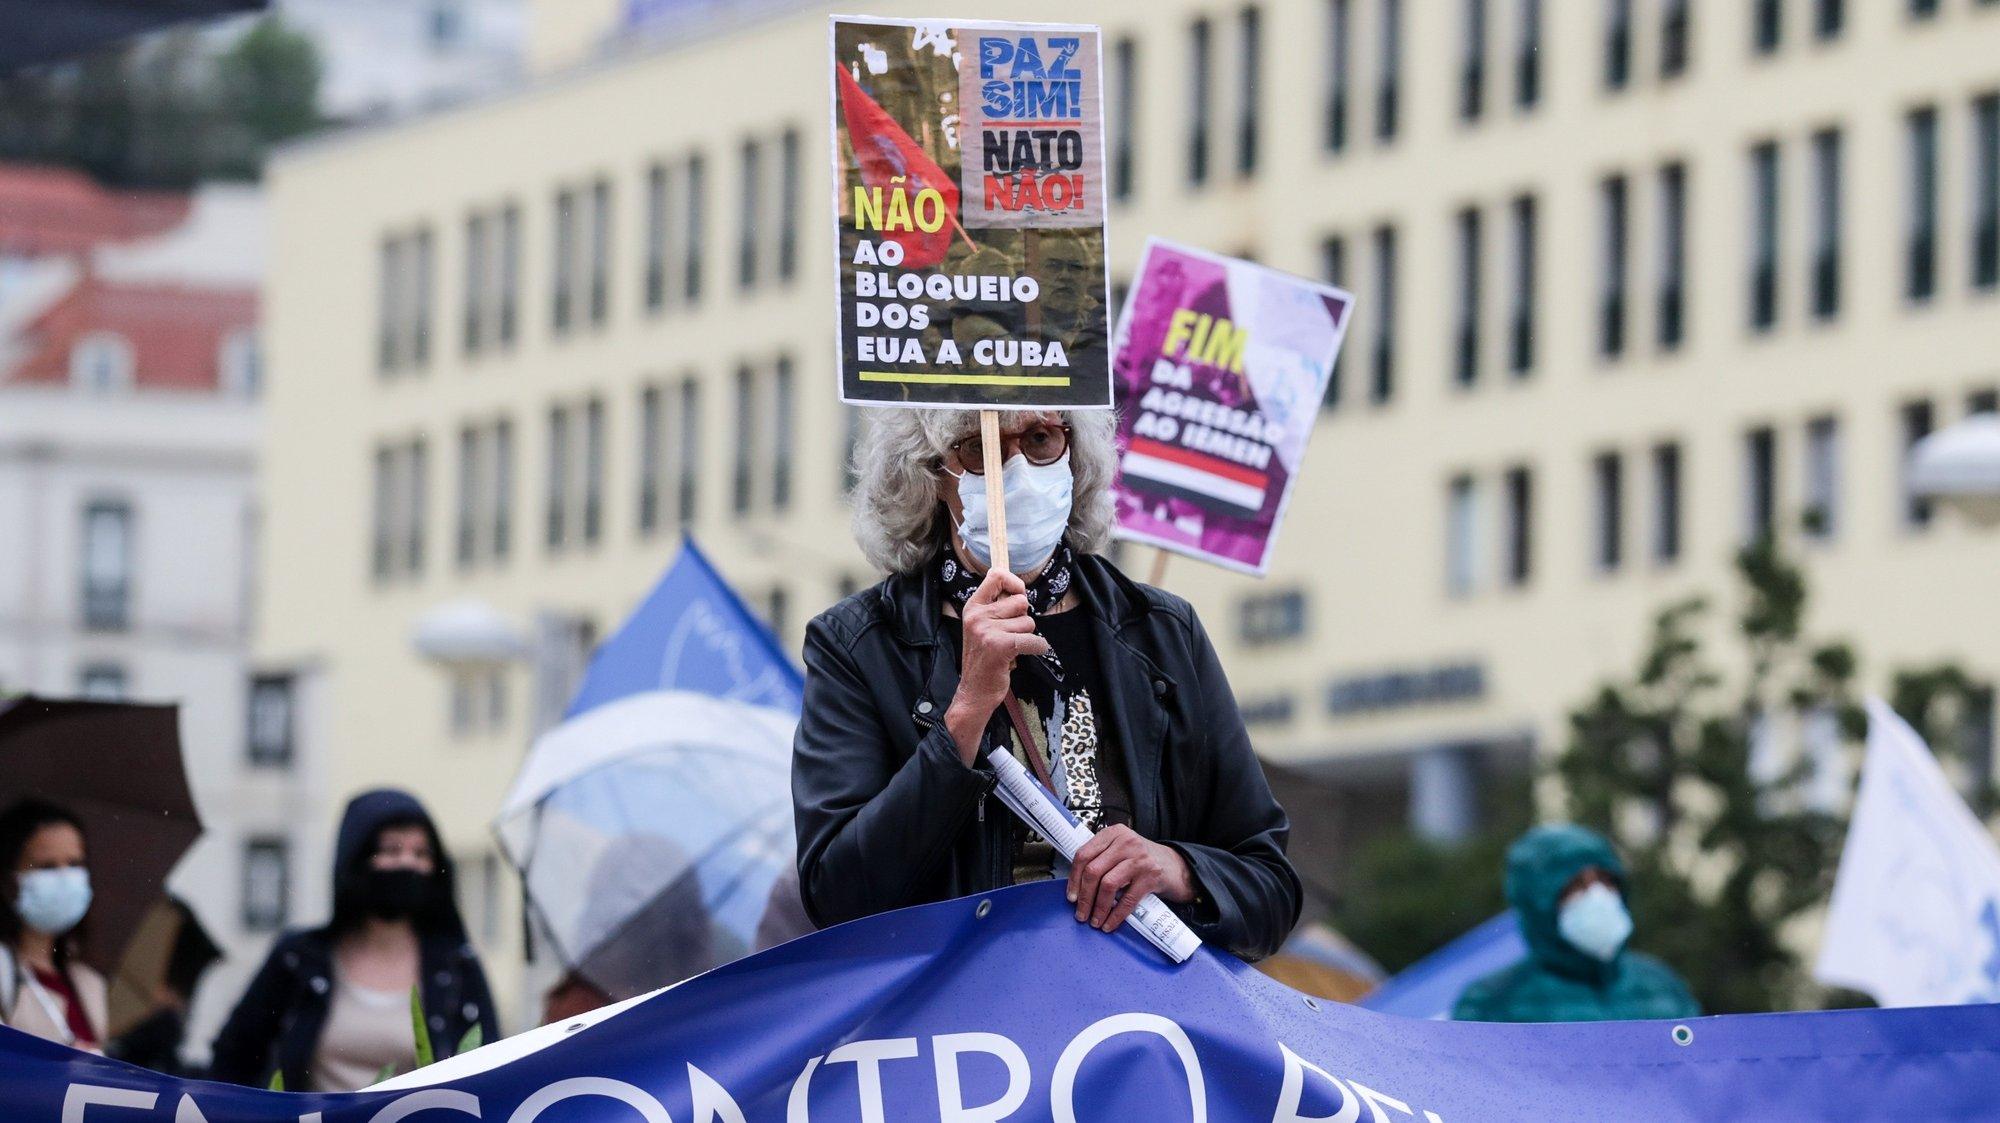 """Cerca de uma centena de manifestantes concentraram-se num Ato Público pela Paz - """"Paz sim! NATO não!!, organizado pelo Conselho Português para a Paz e Cooperação (CPPC), com o apoio de diversas associações e sindicatos, contra a """"militarização da União Europeia"""", no Martim Moniz, em Lisboa, 14 de abril de 2021. TIAGO PETINGA/LUSA"""